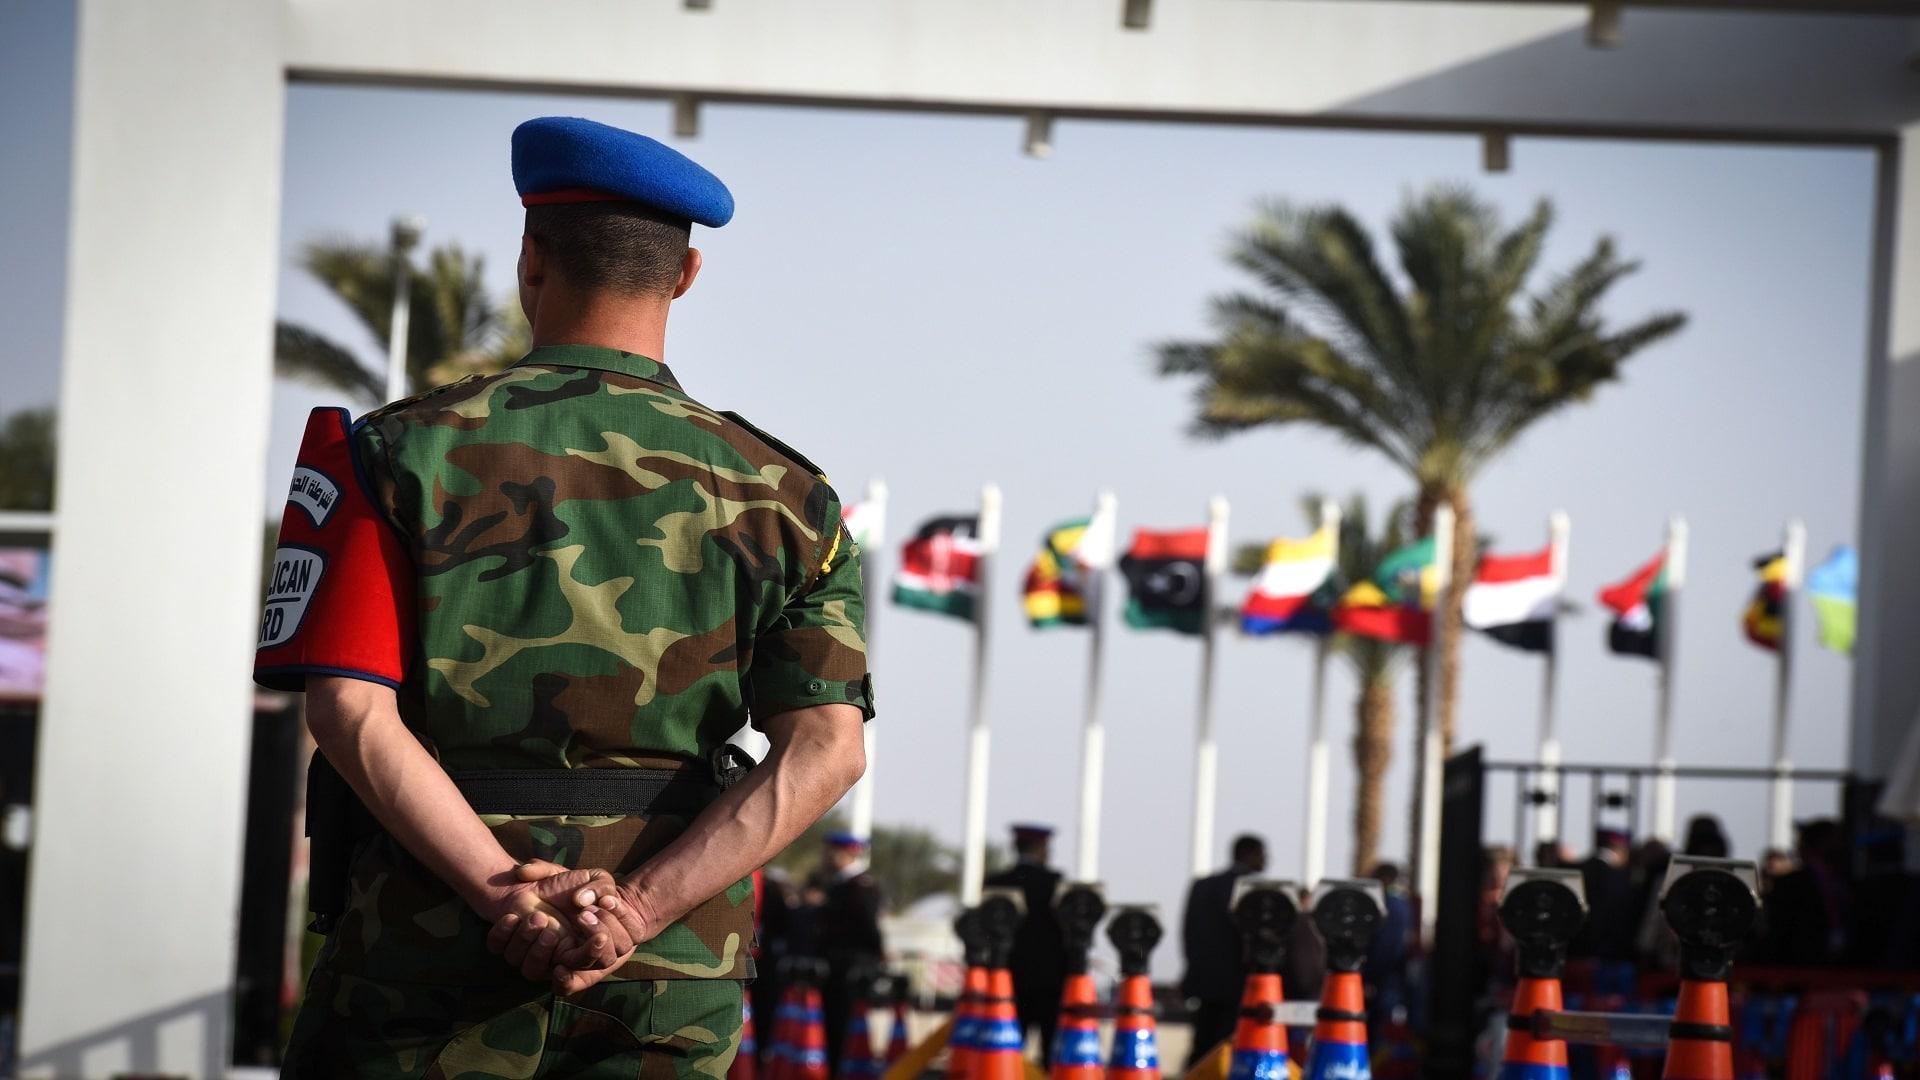 القاهرة ترفض دخول فريق أمني من تل أبيب إلى الأراضي المصرية